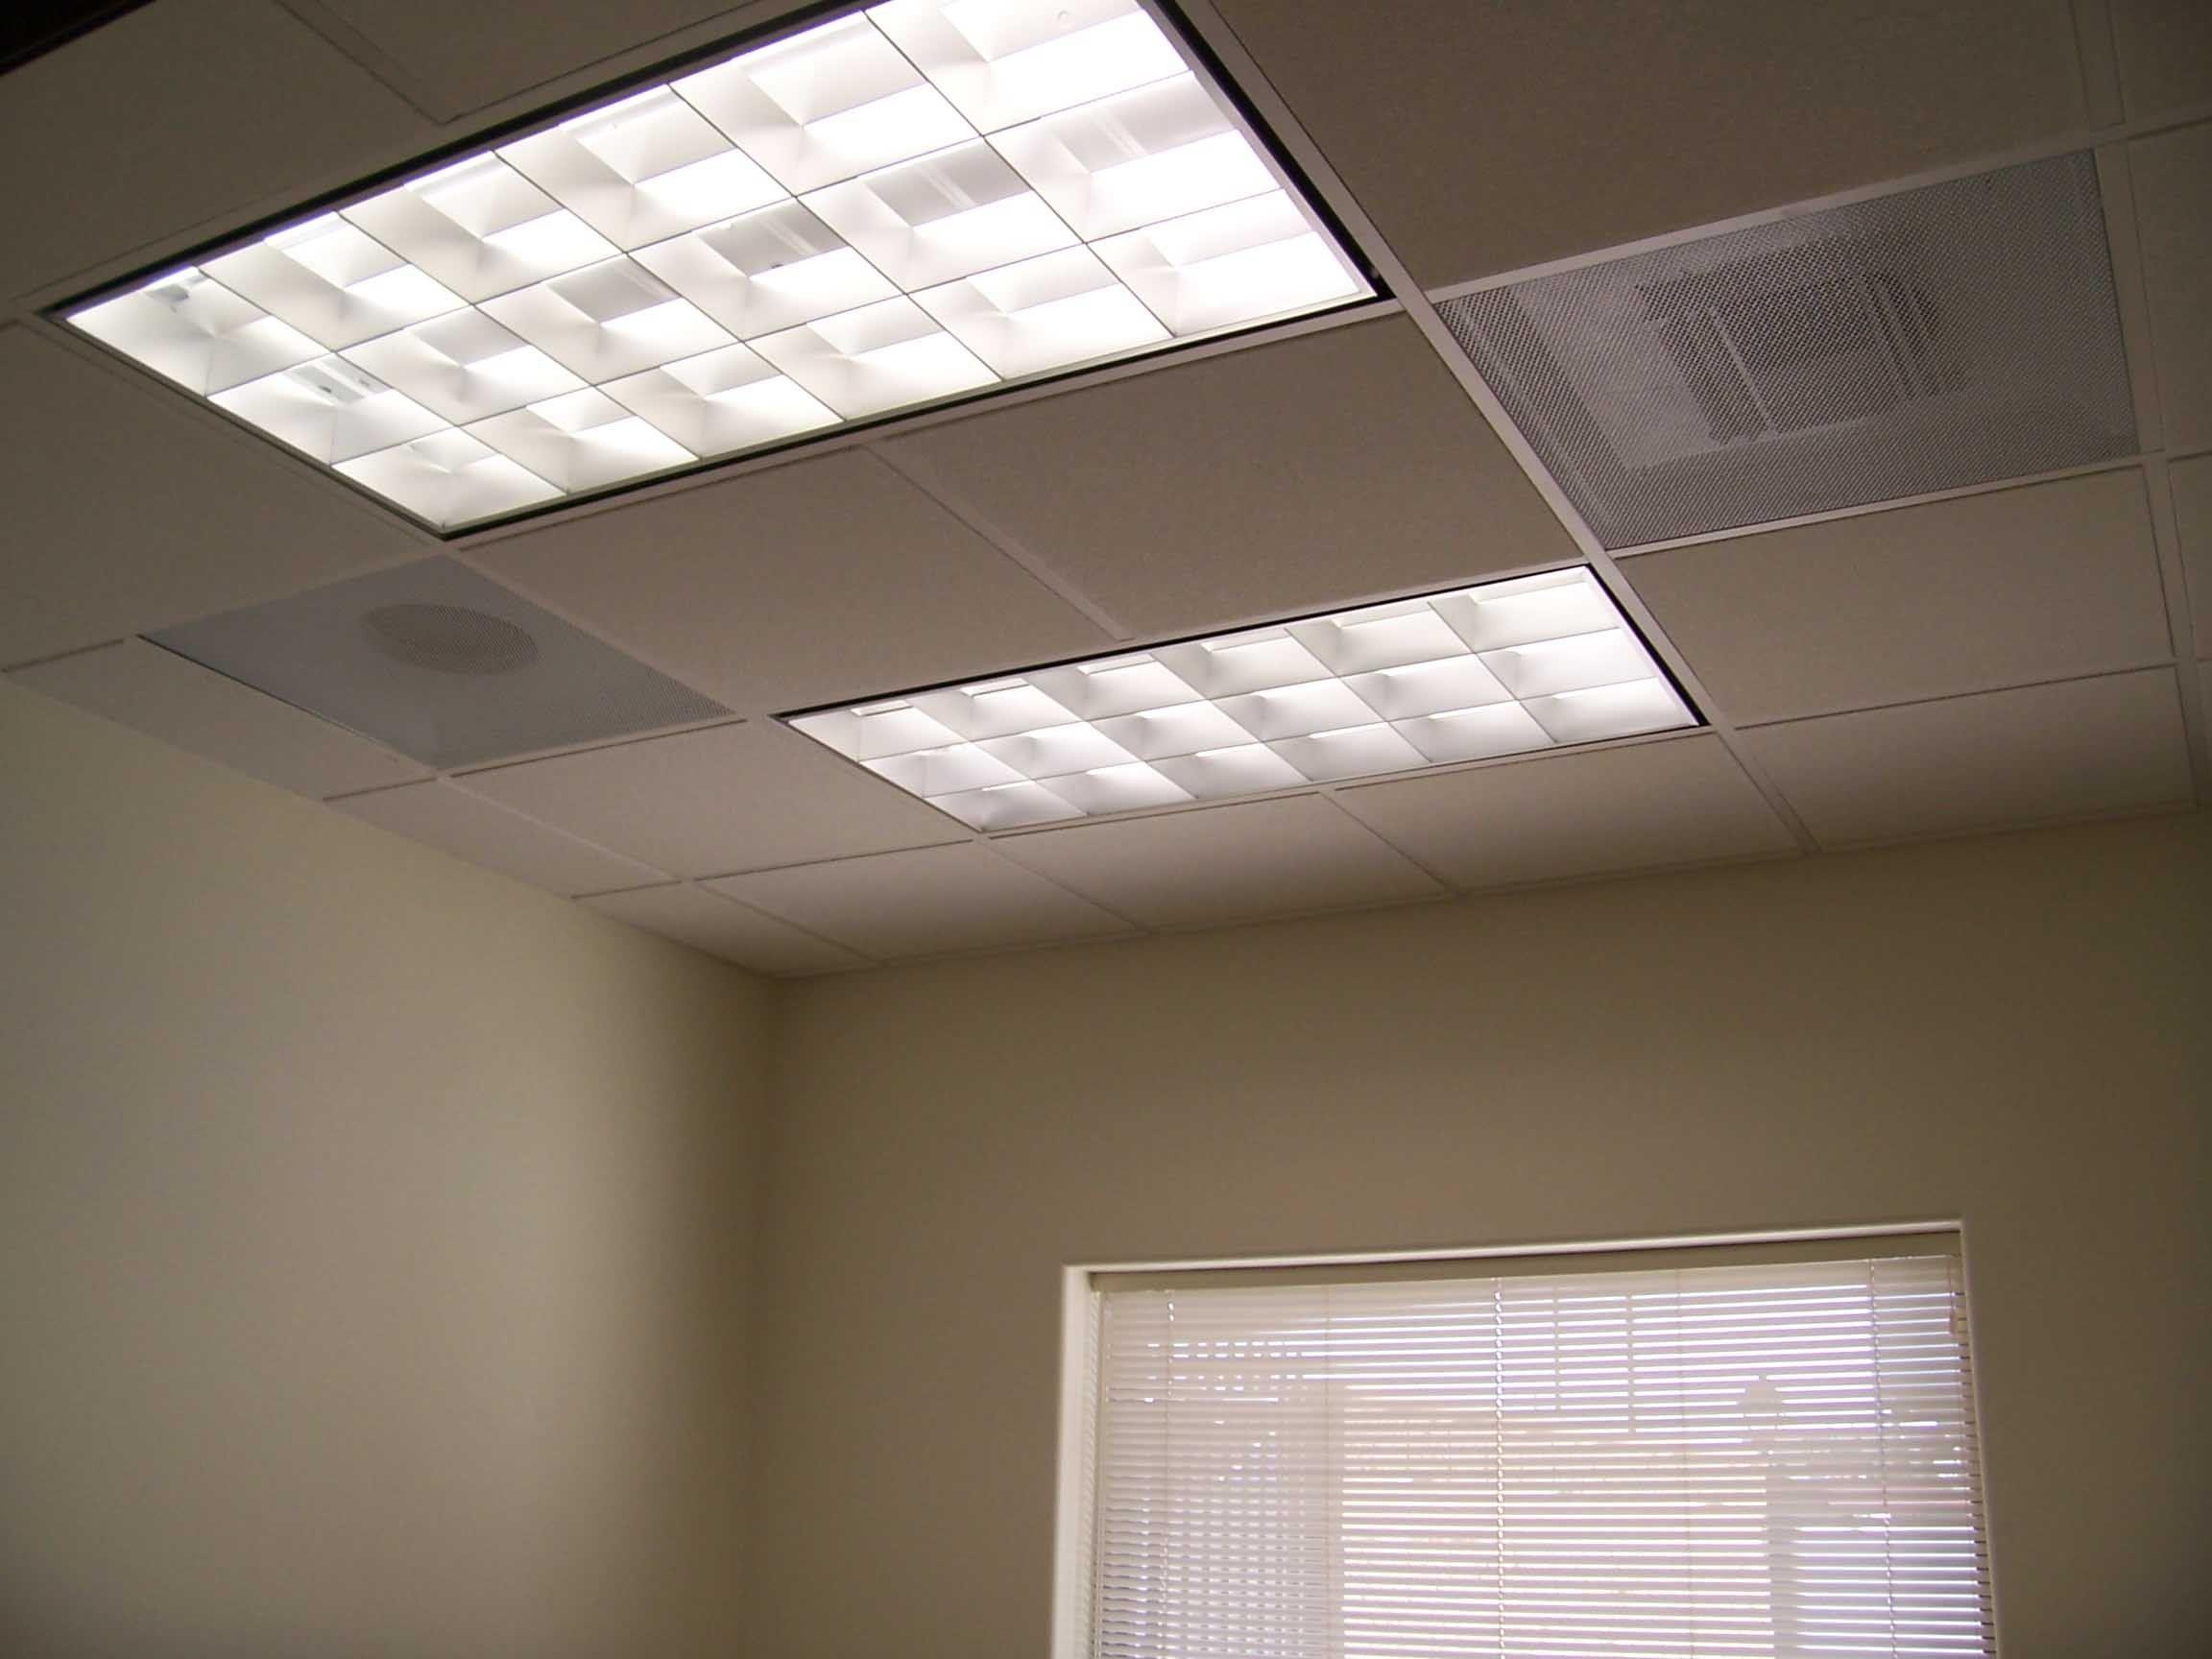 Overhead Fluorescent Light Fixtures | http://deai-rank.info ...